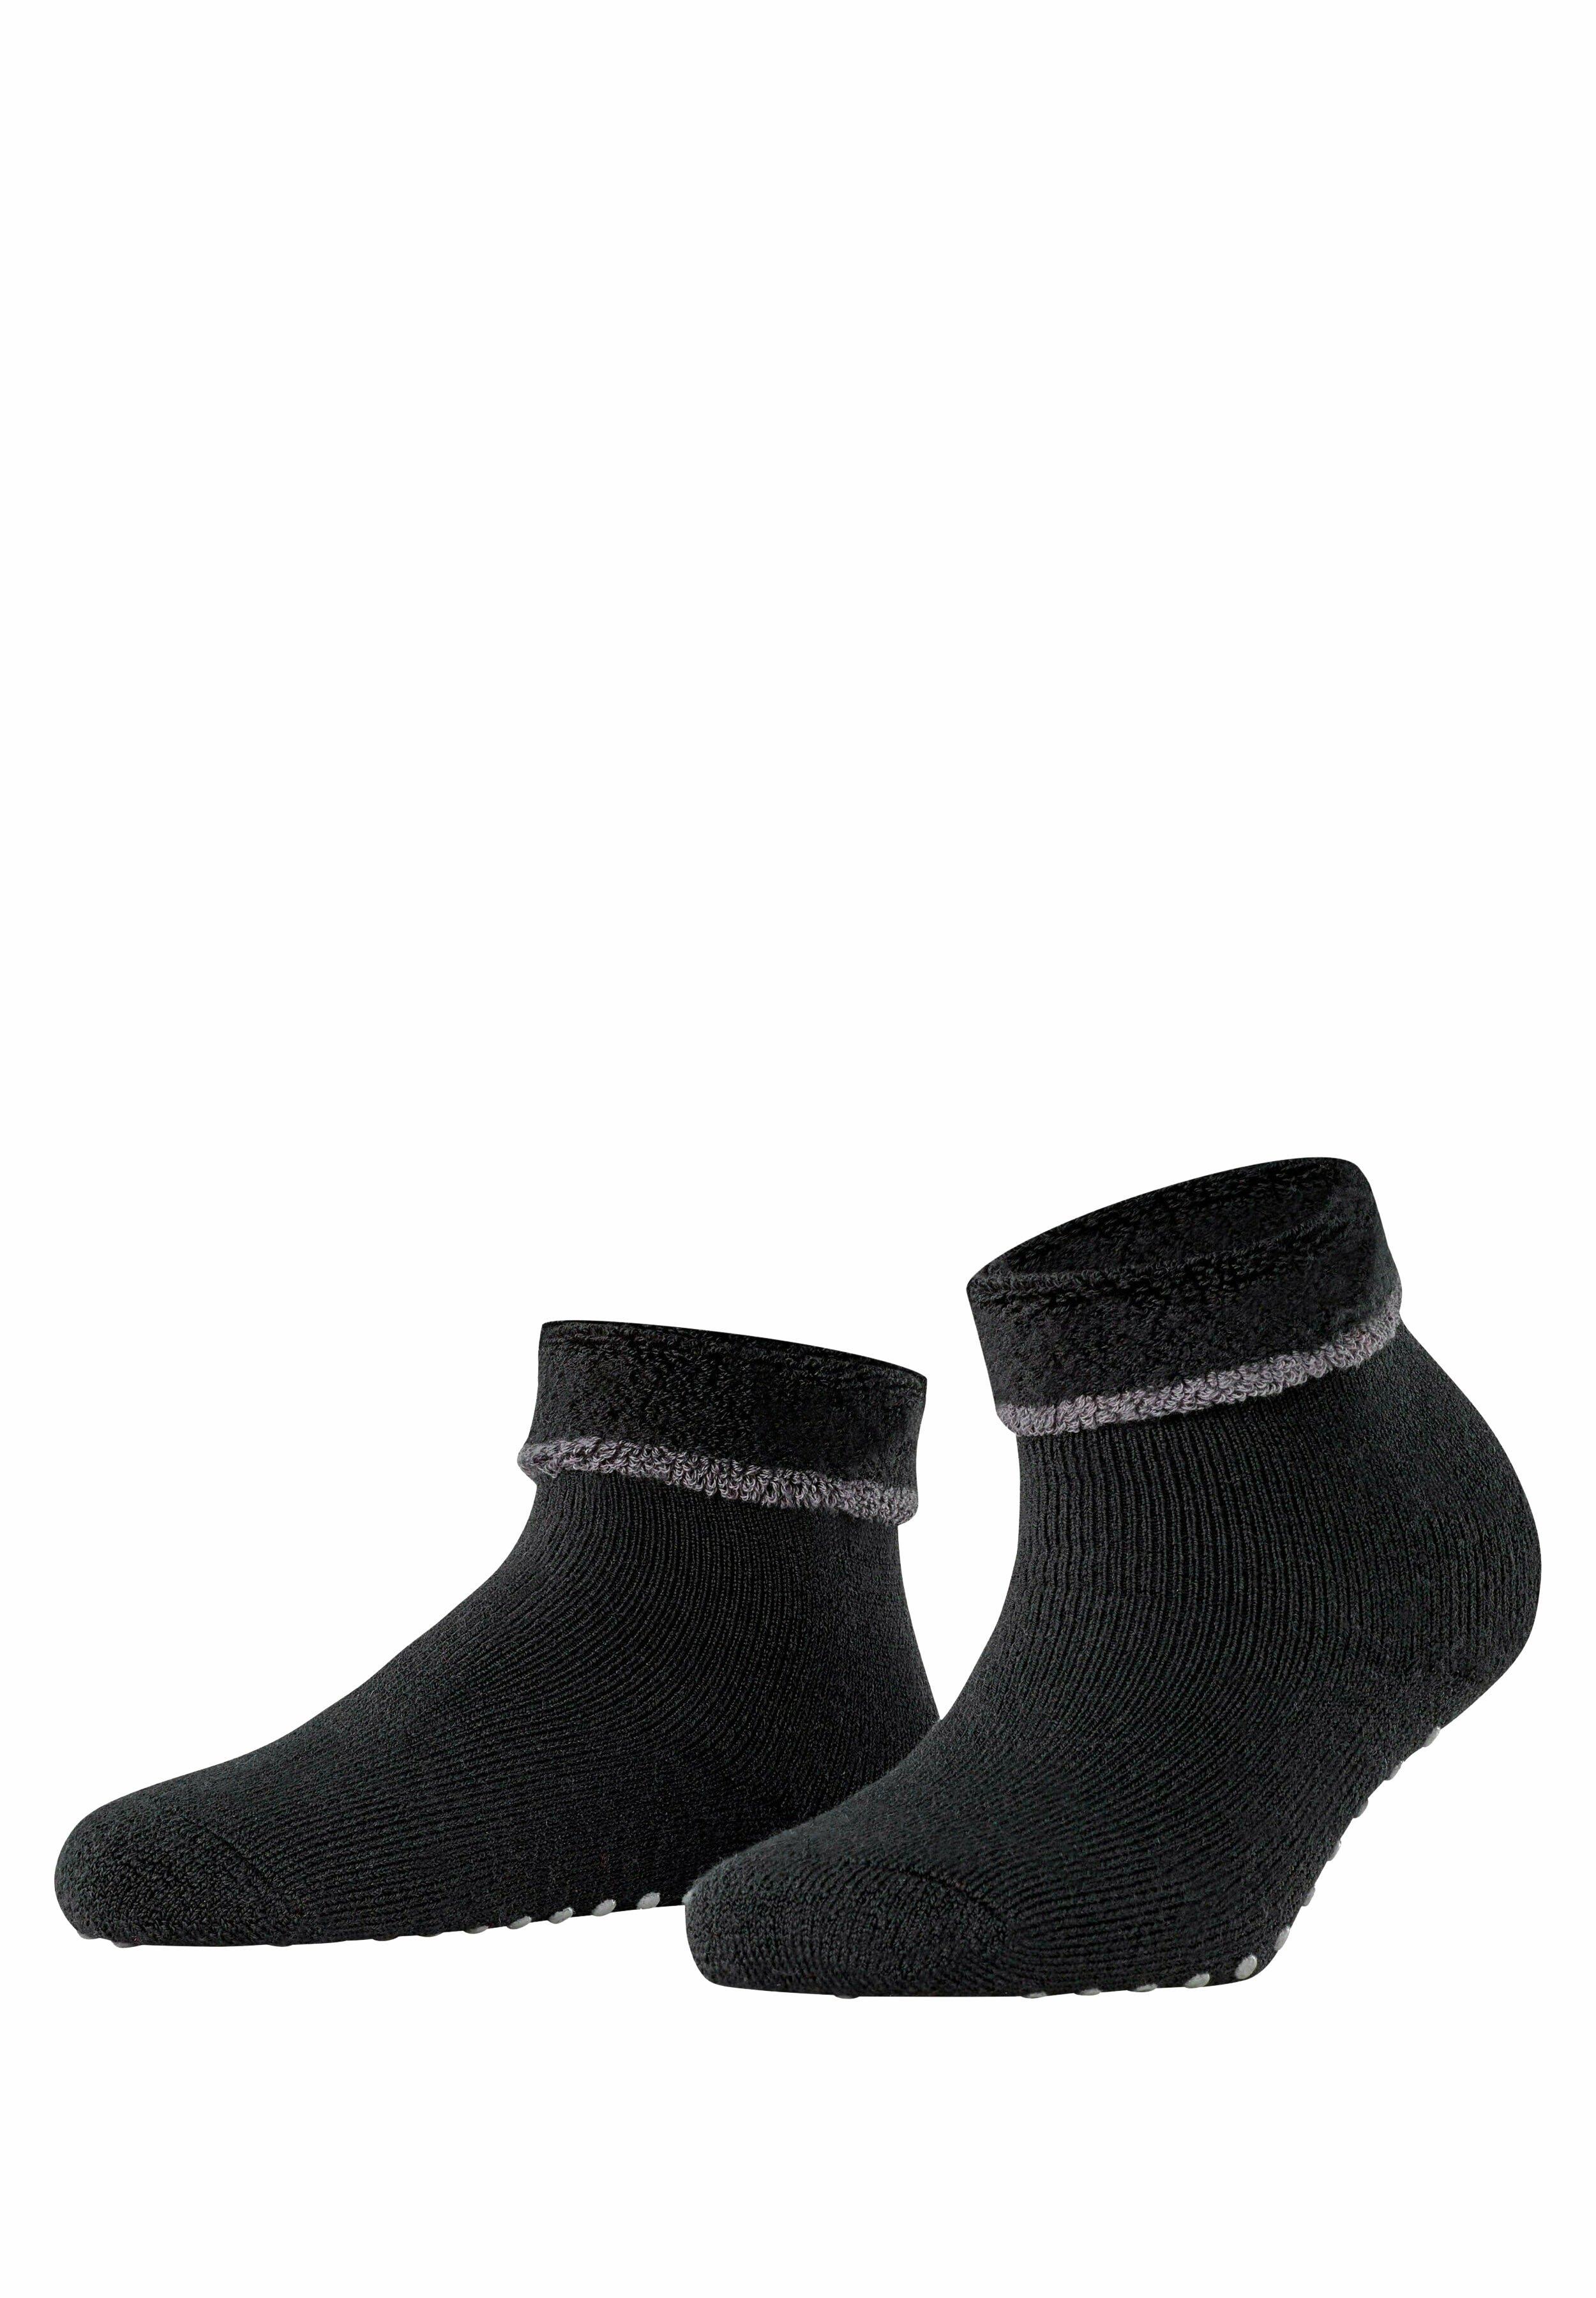 Femme COZY - Chaussettes - black